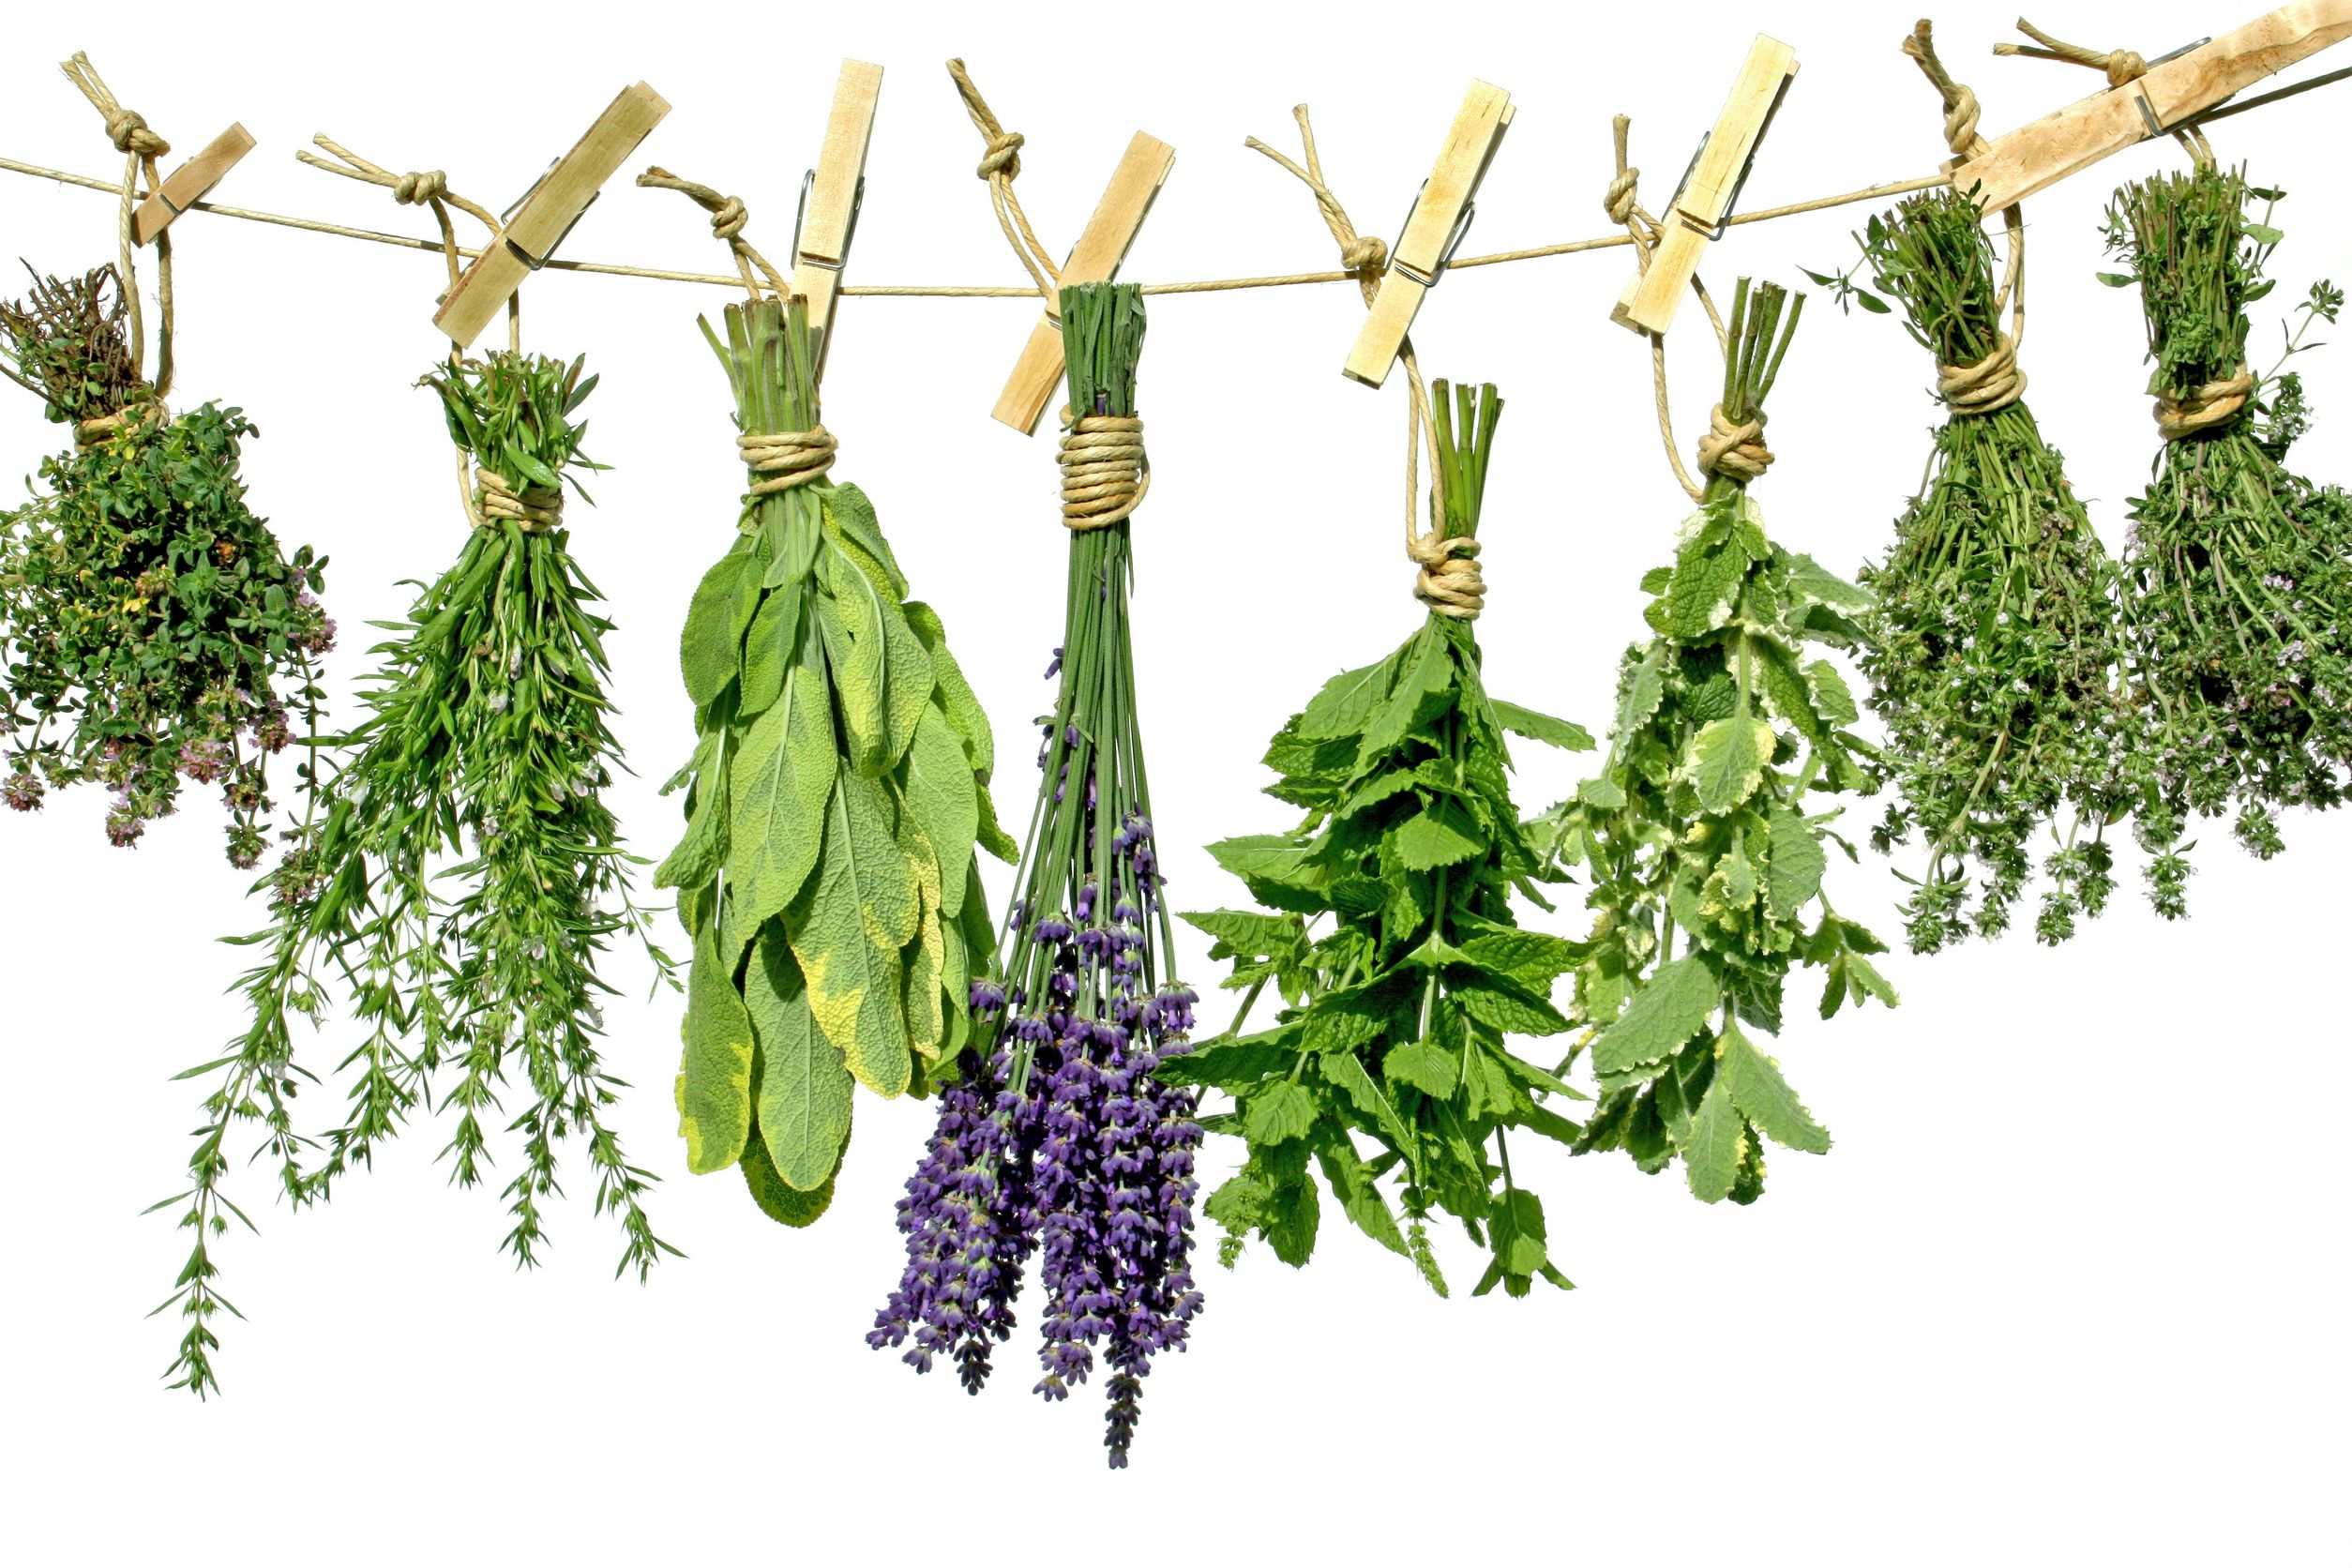 Porcované bylinky jednodruhové